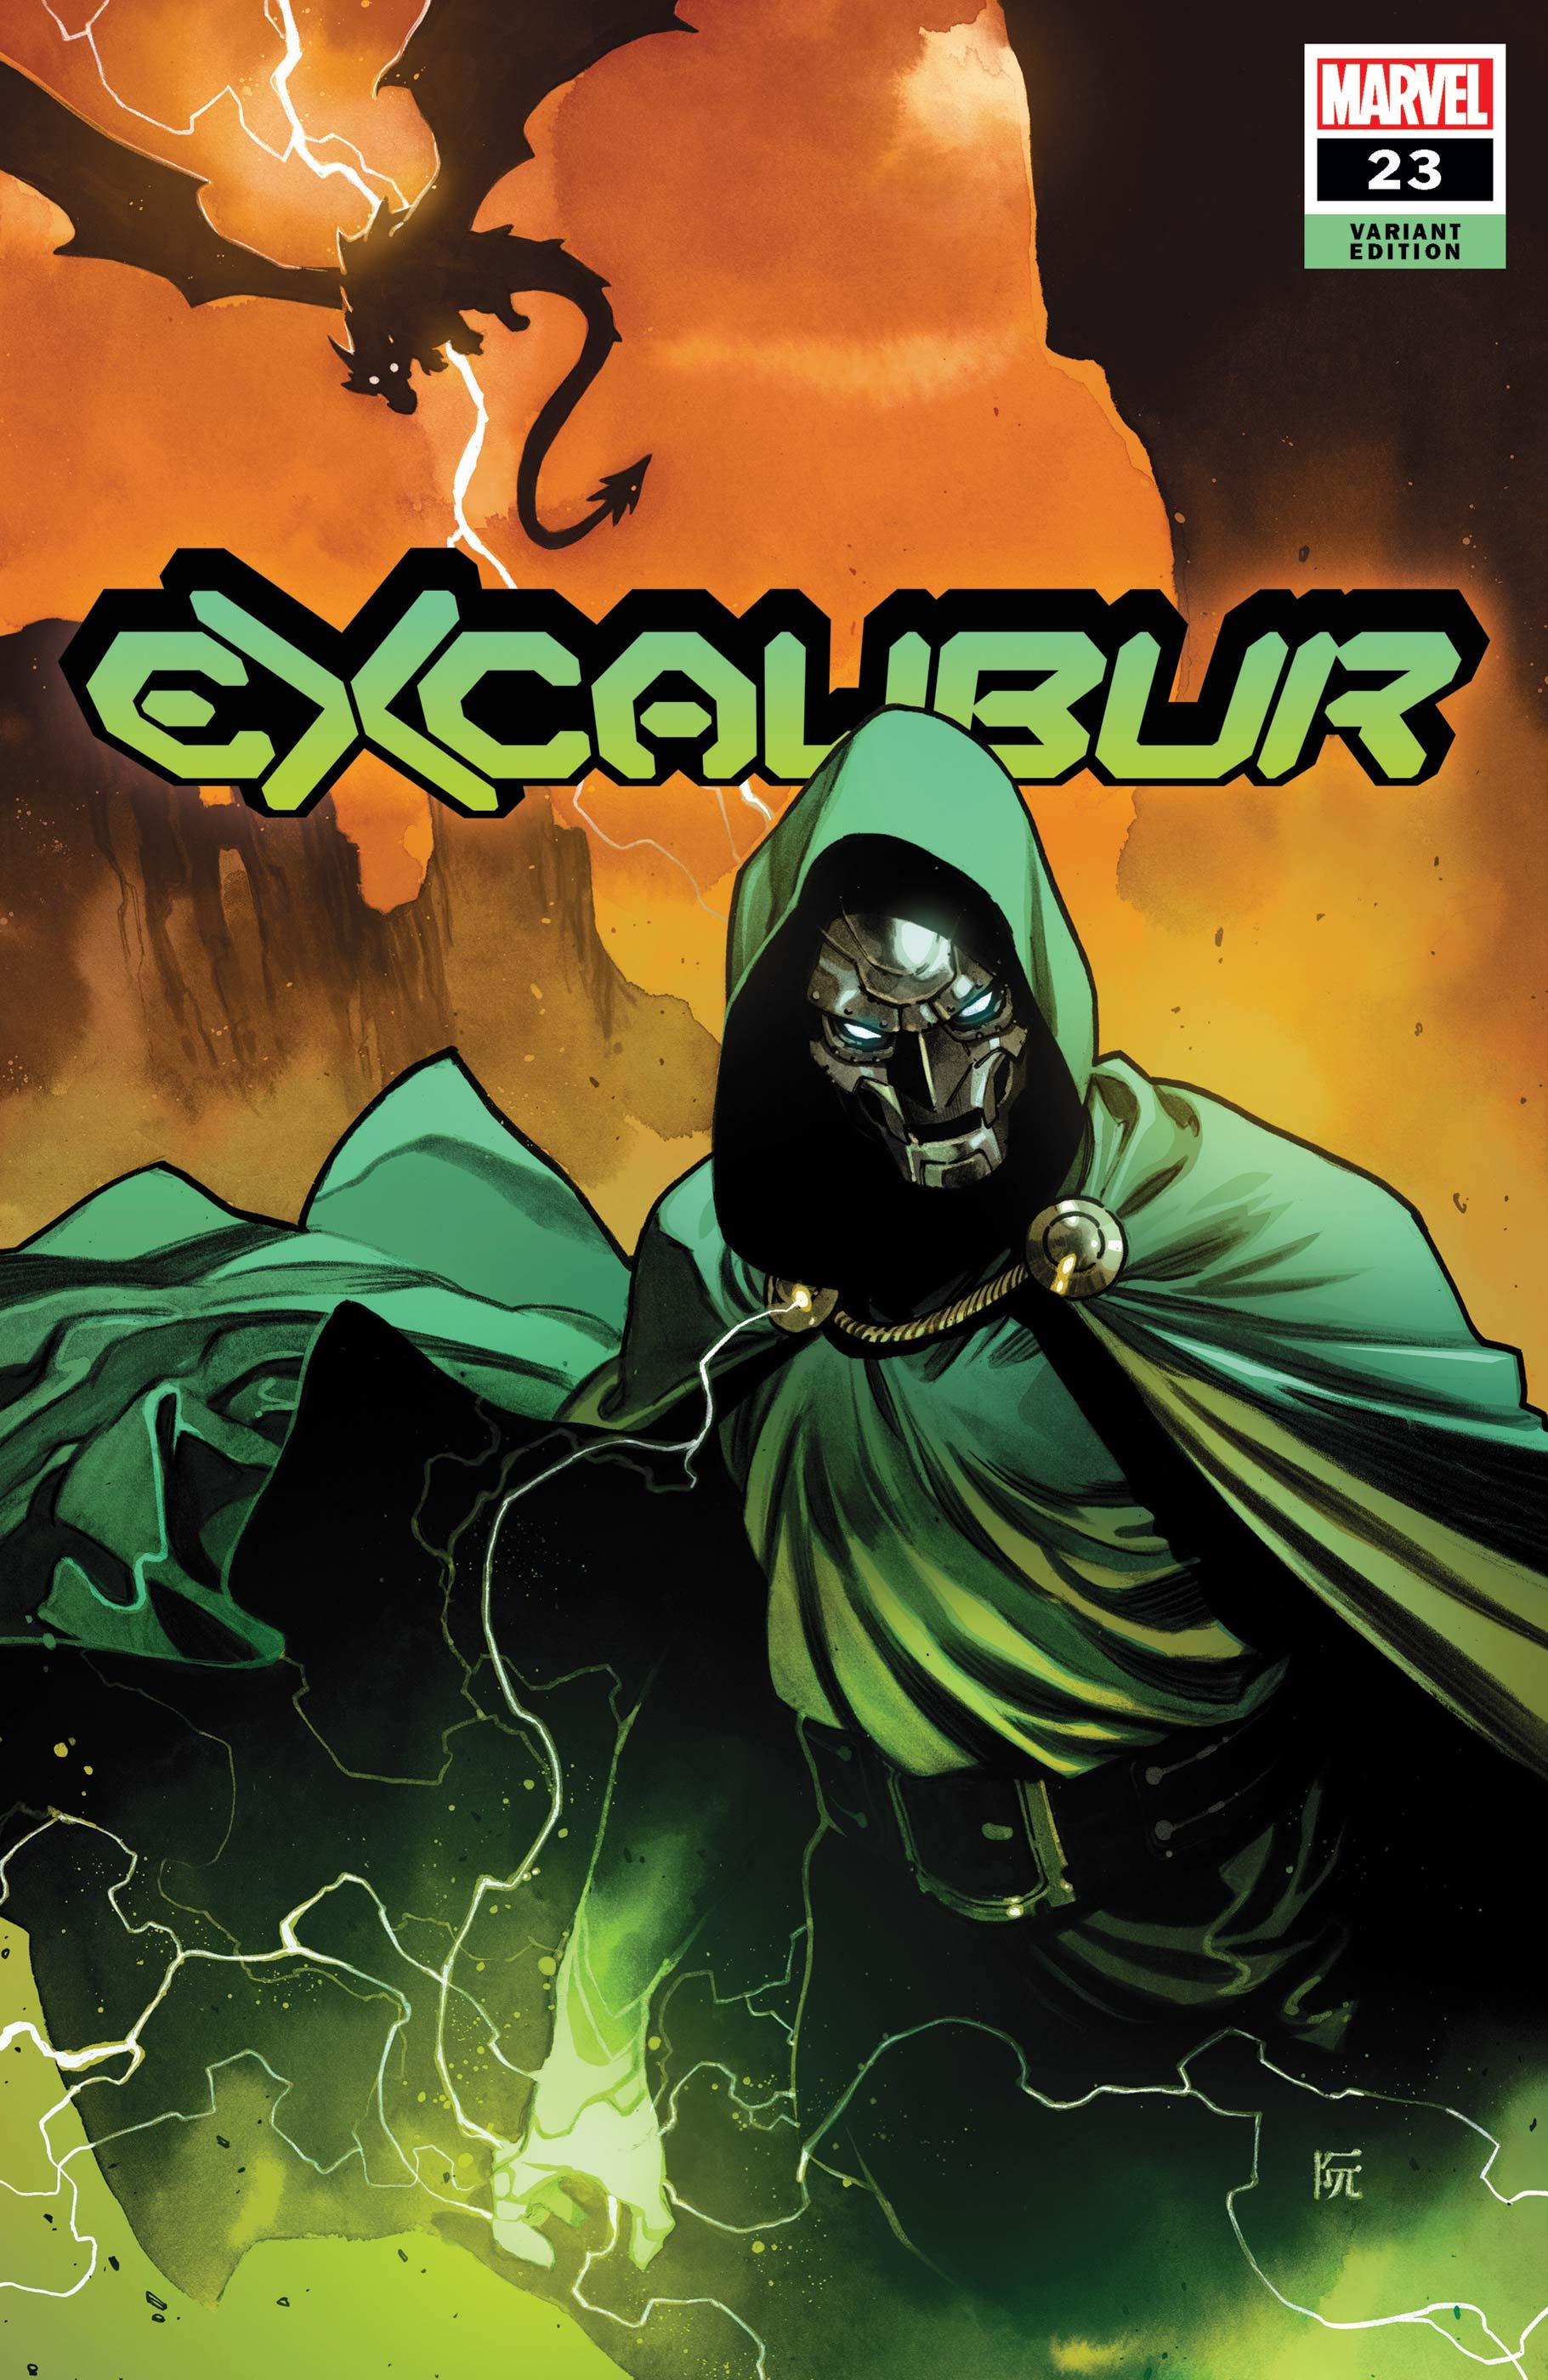 Excalibur (2019) #23 (Variant)